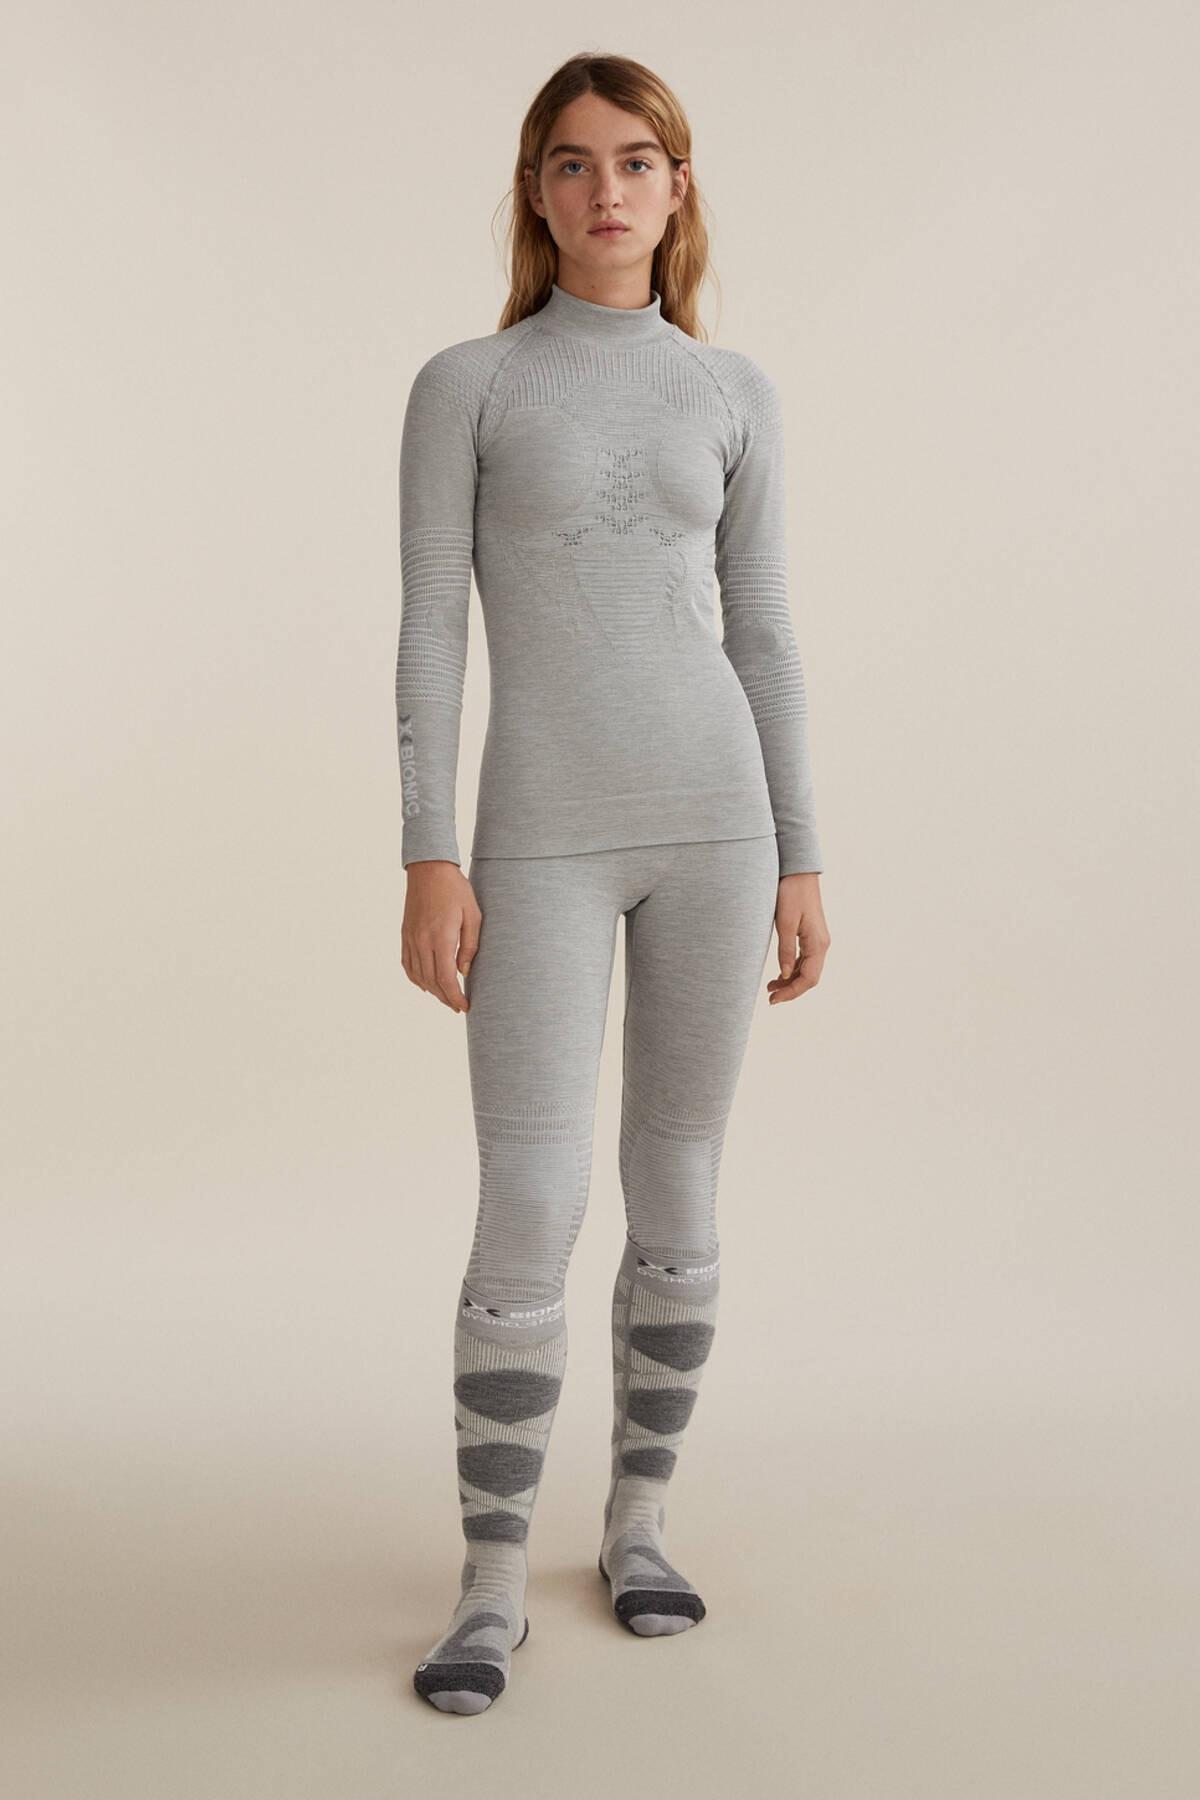 Oysho Kadın Gri Dikişsiz Teknik Kayak Taytı X-Bionic Energizer® 4.0